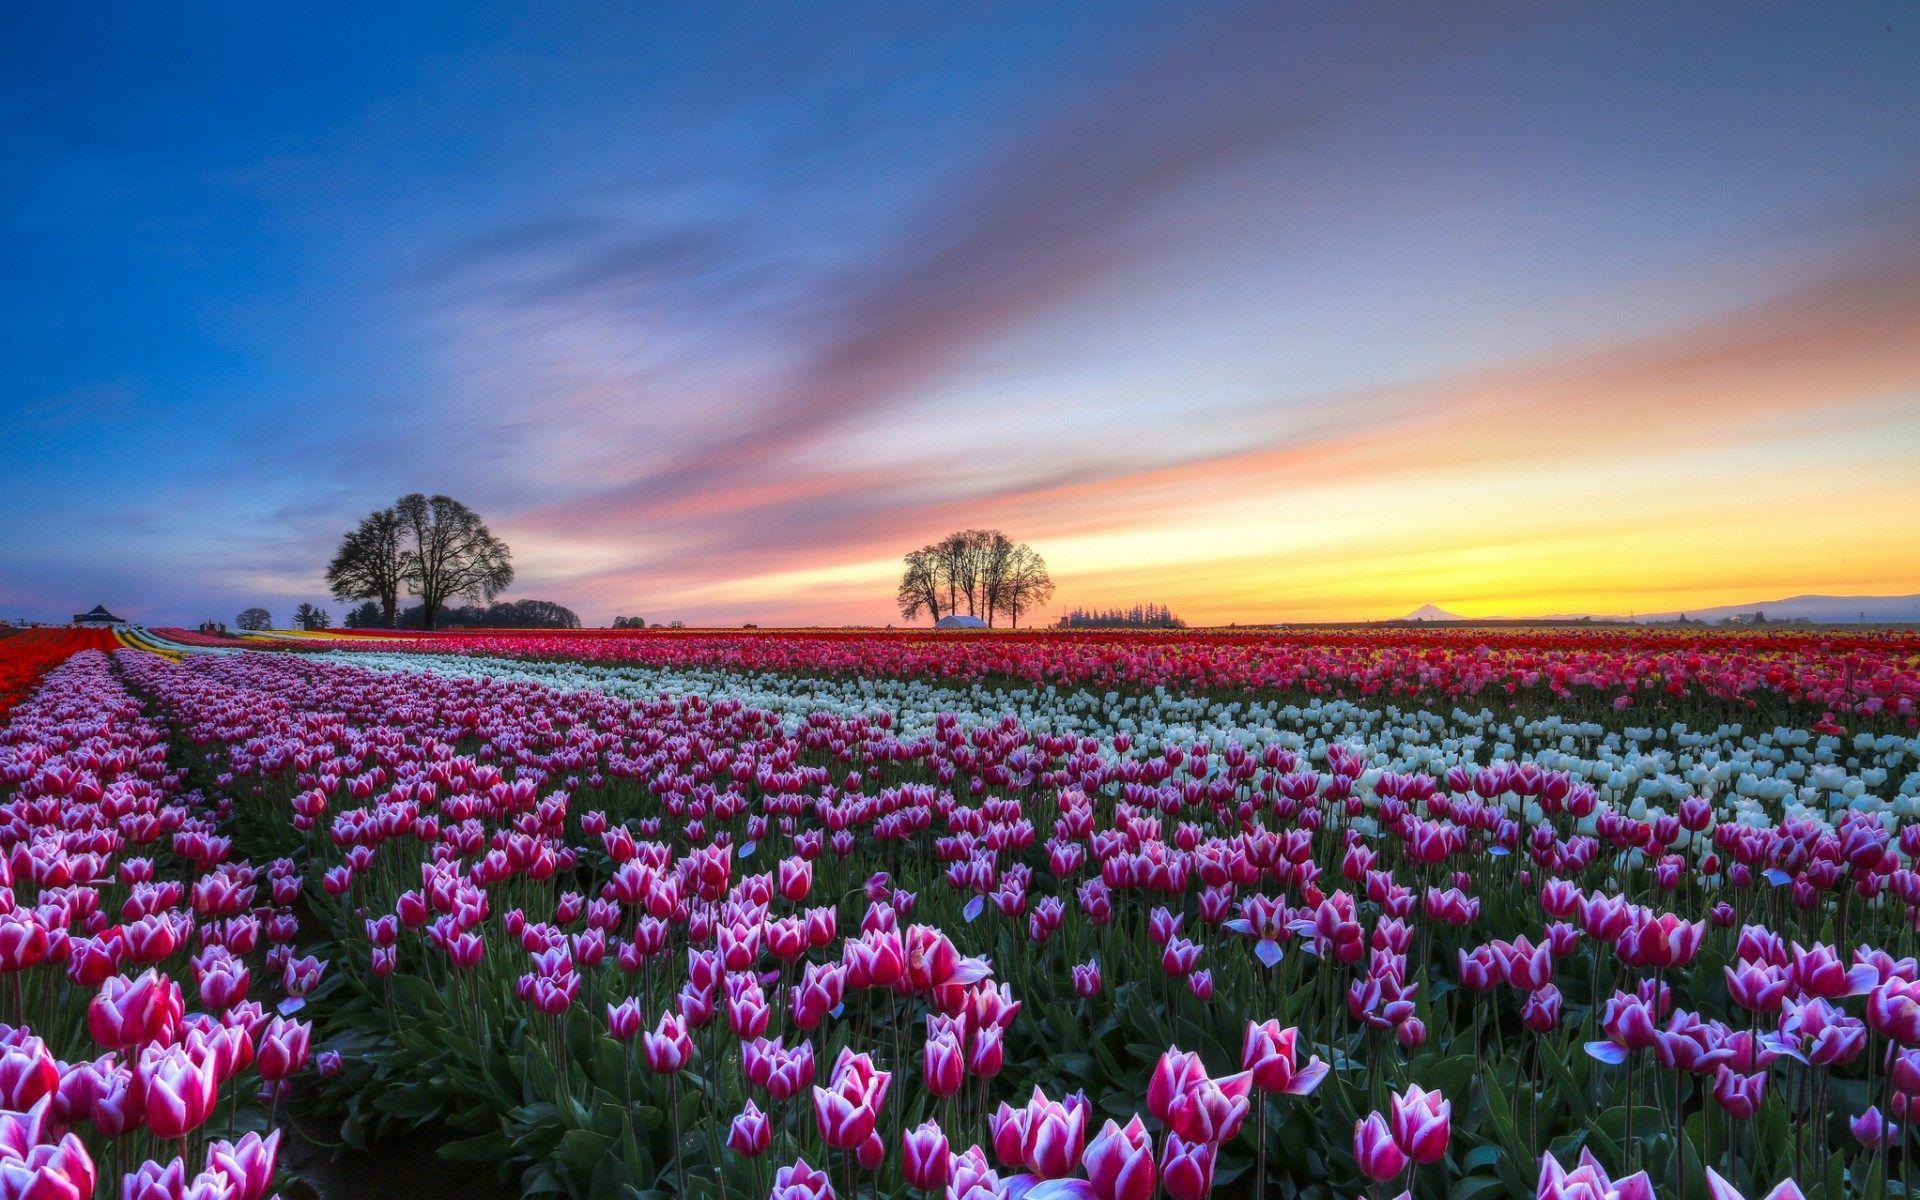 Pink Tulips Flower Field Scenery 1920x1200 Flowers Photography Wallpaper Scenery Wallpaper Field Wallpaper